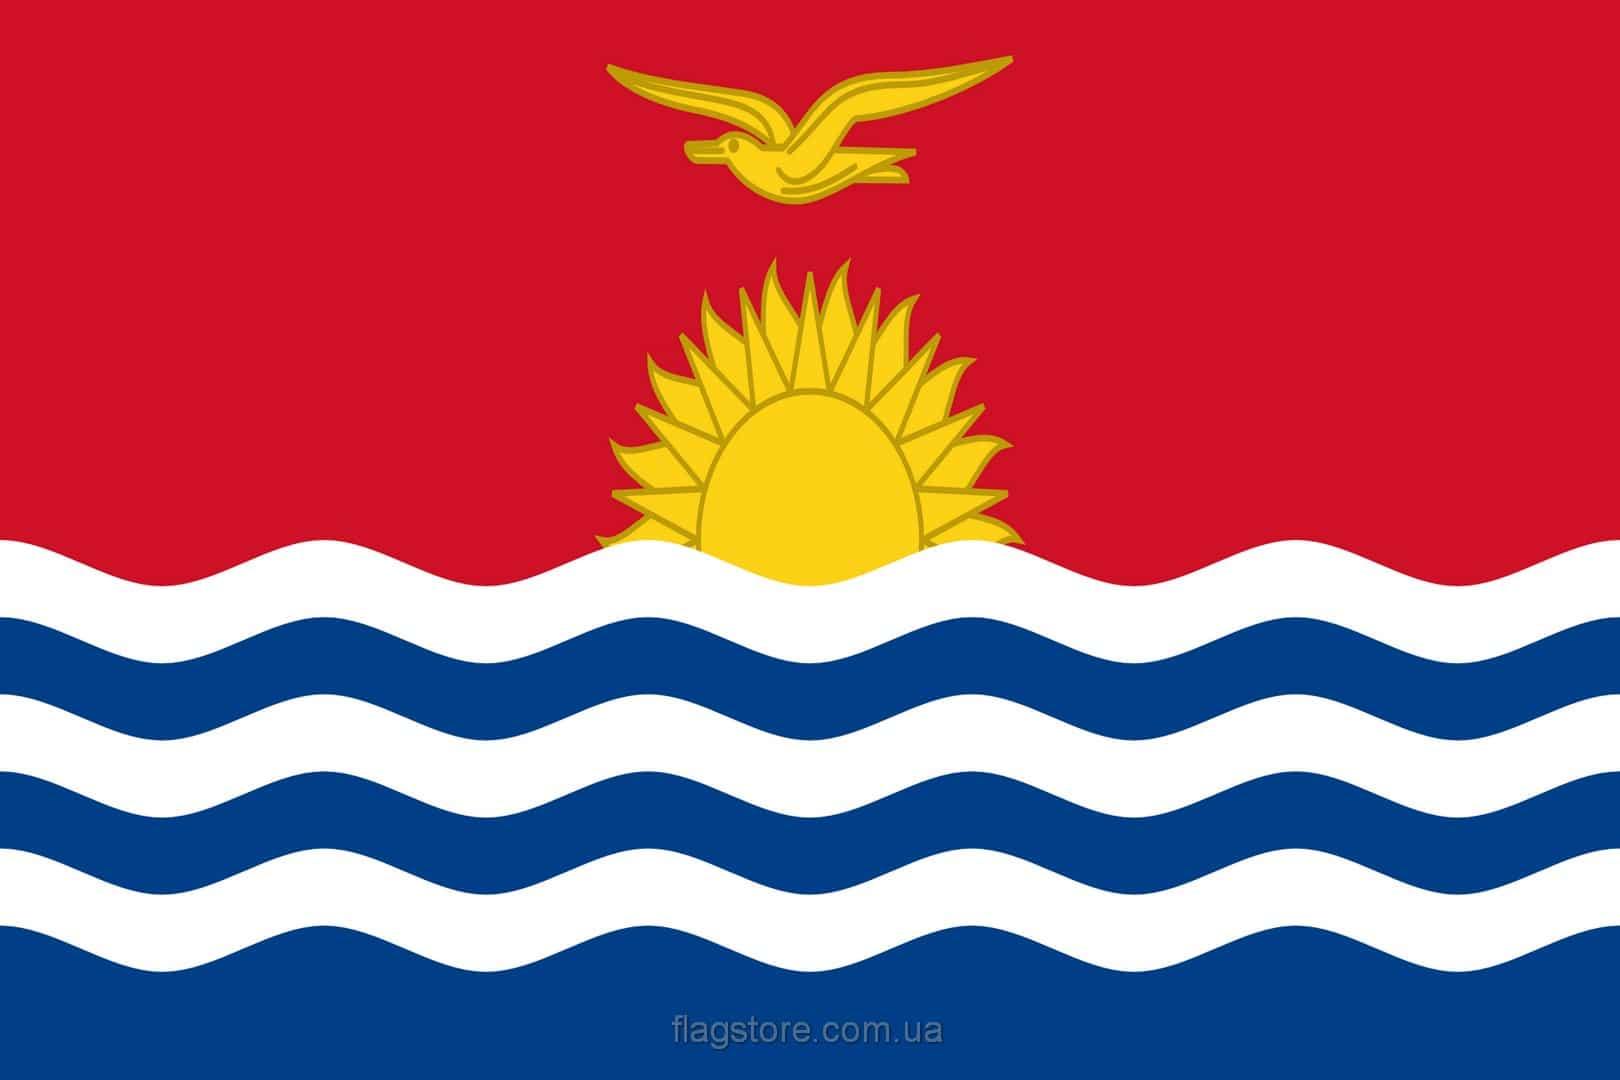 Купить флаг страны Кирибати